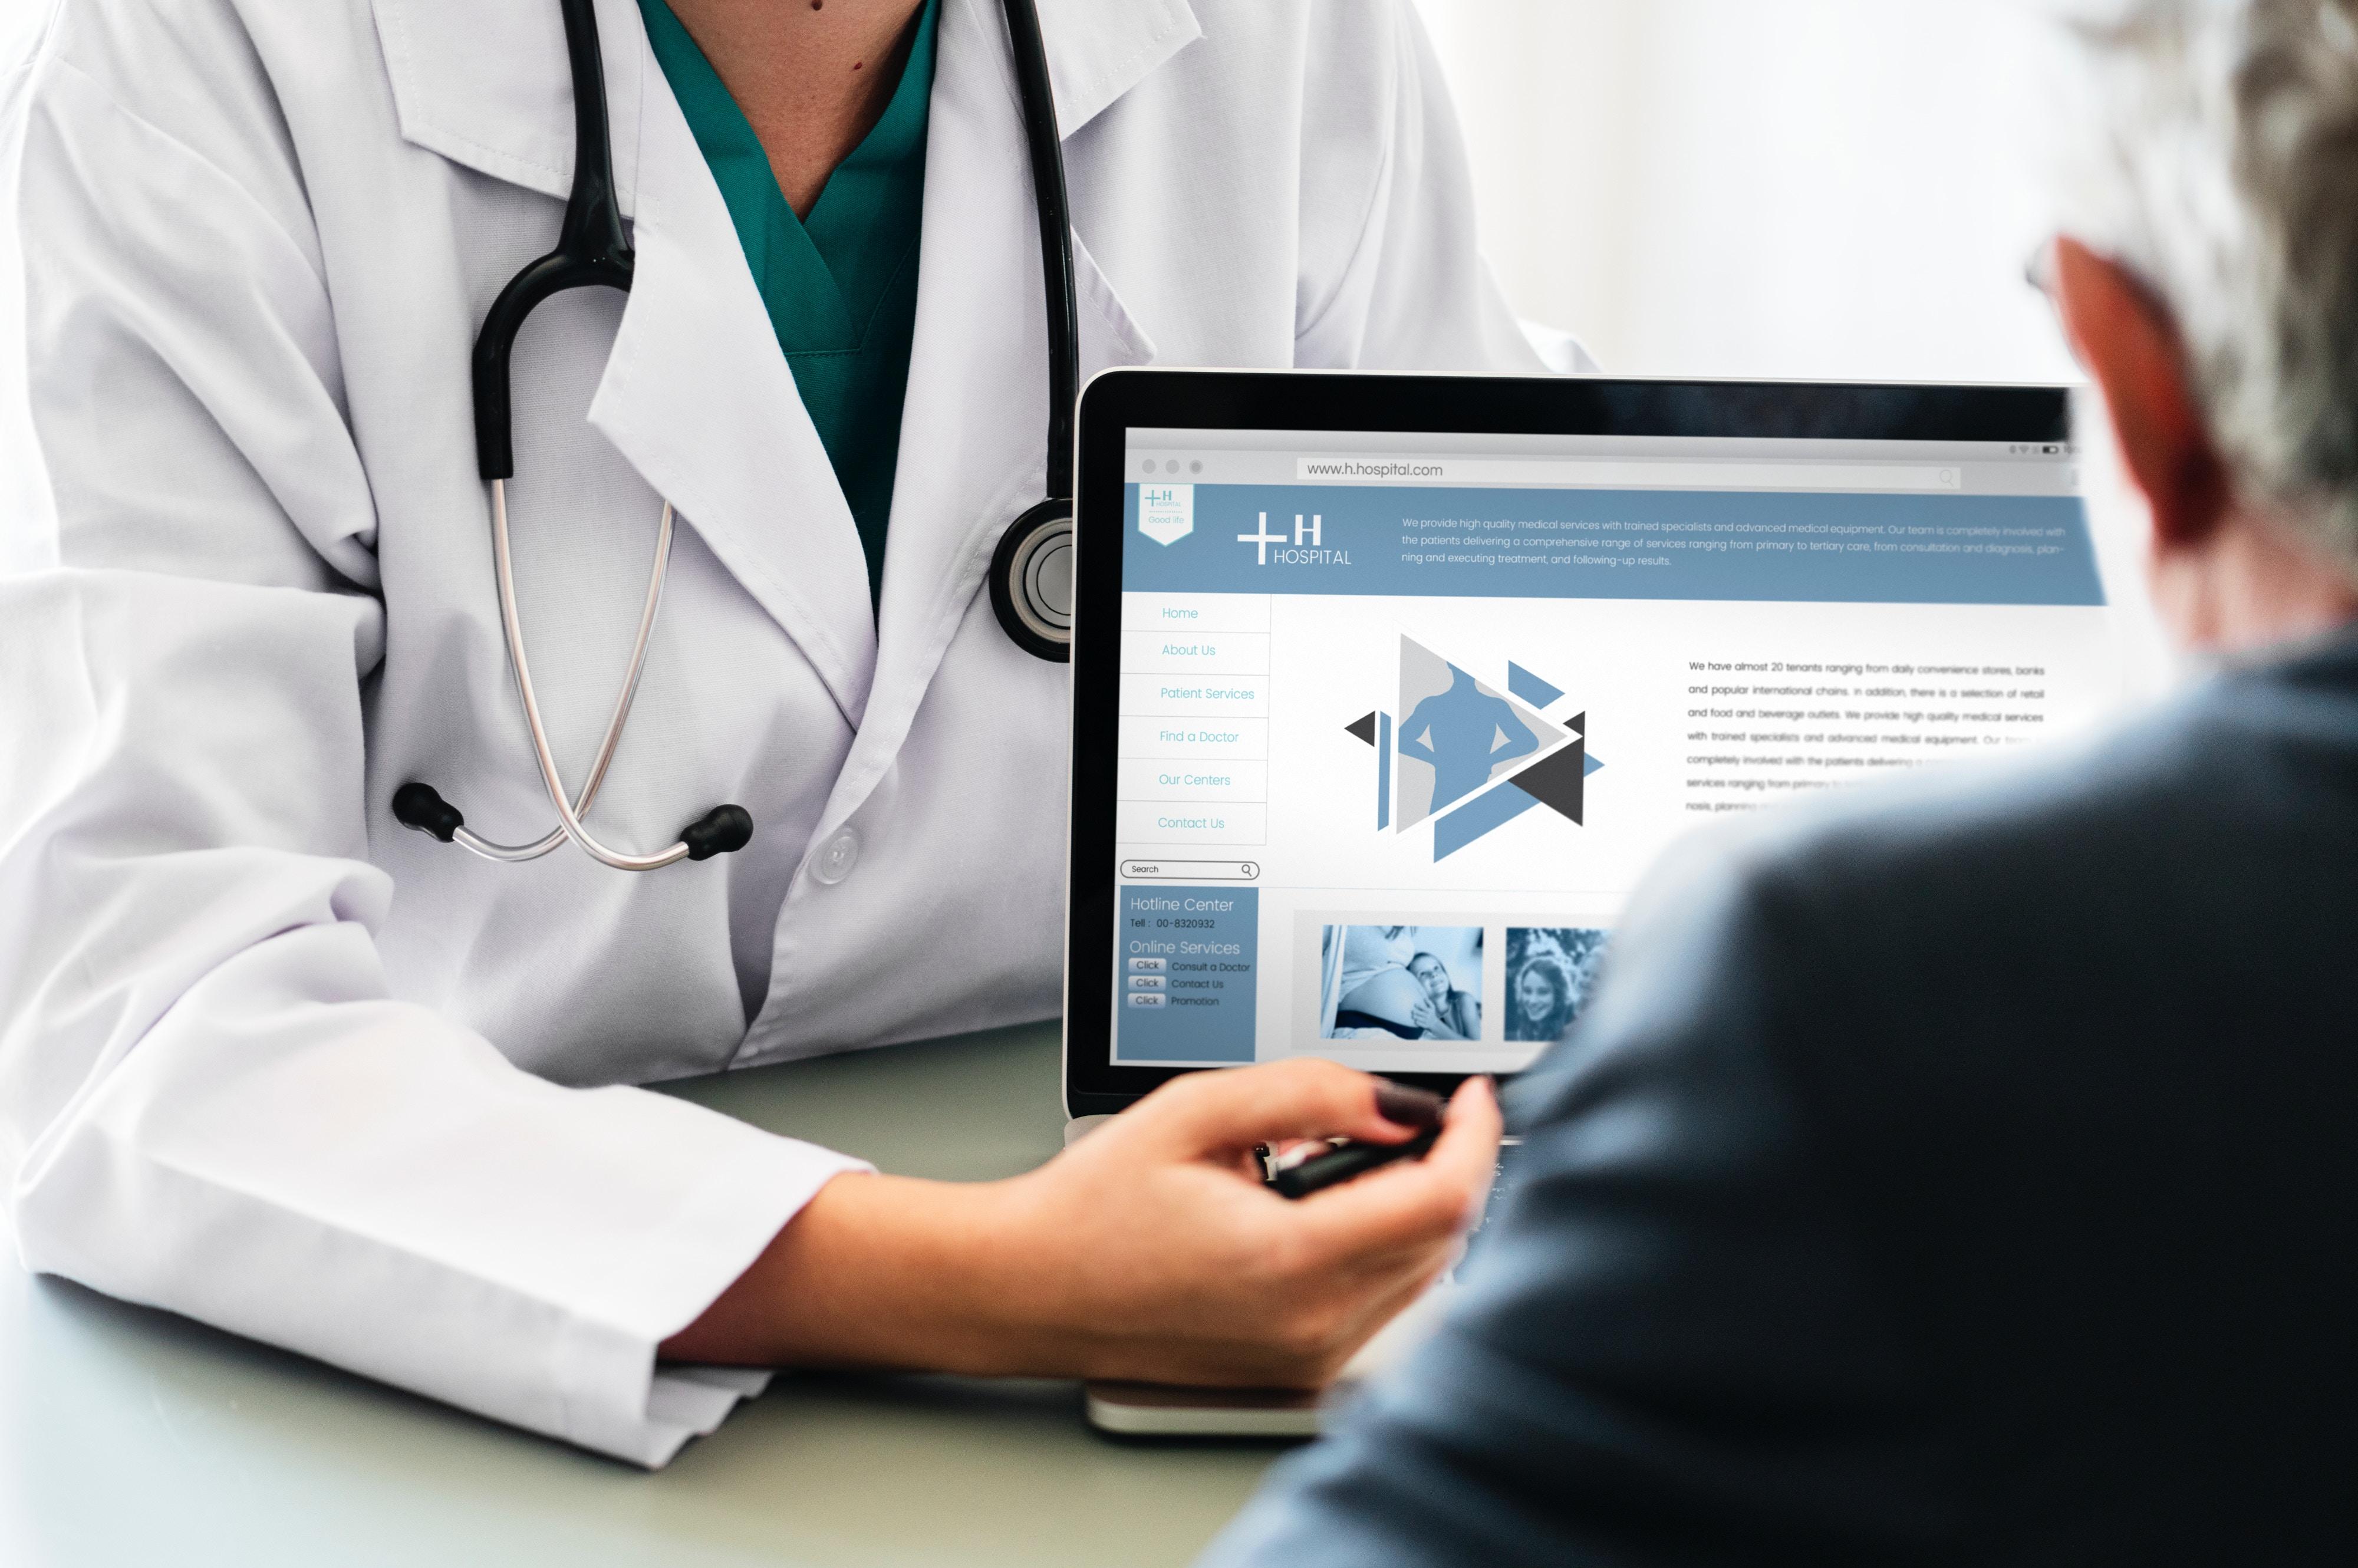 las mujeres toman la prueba de cáncer de próstata